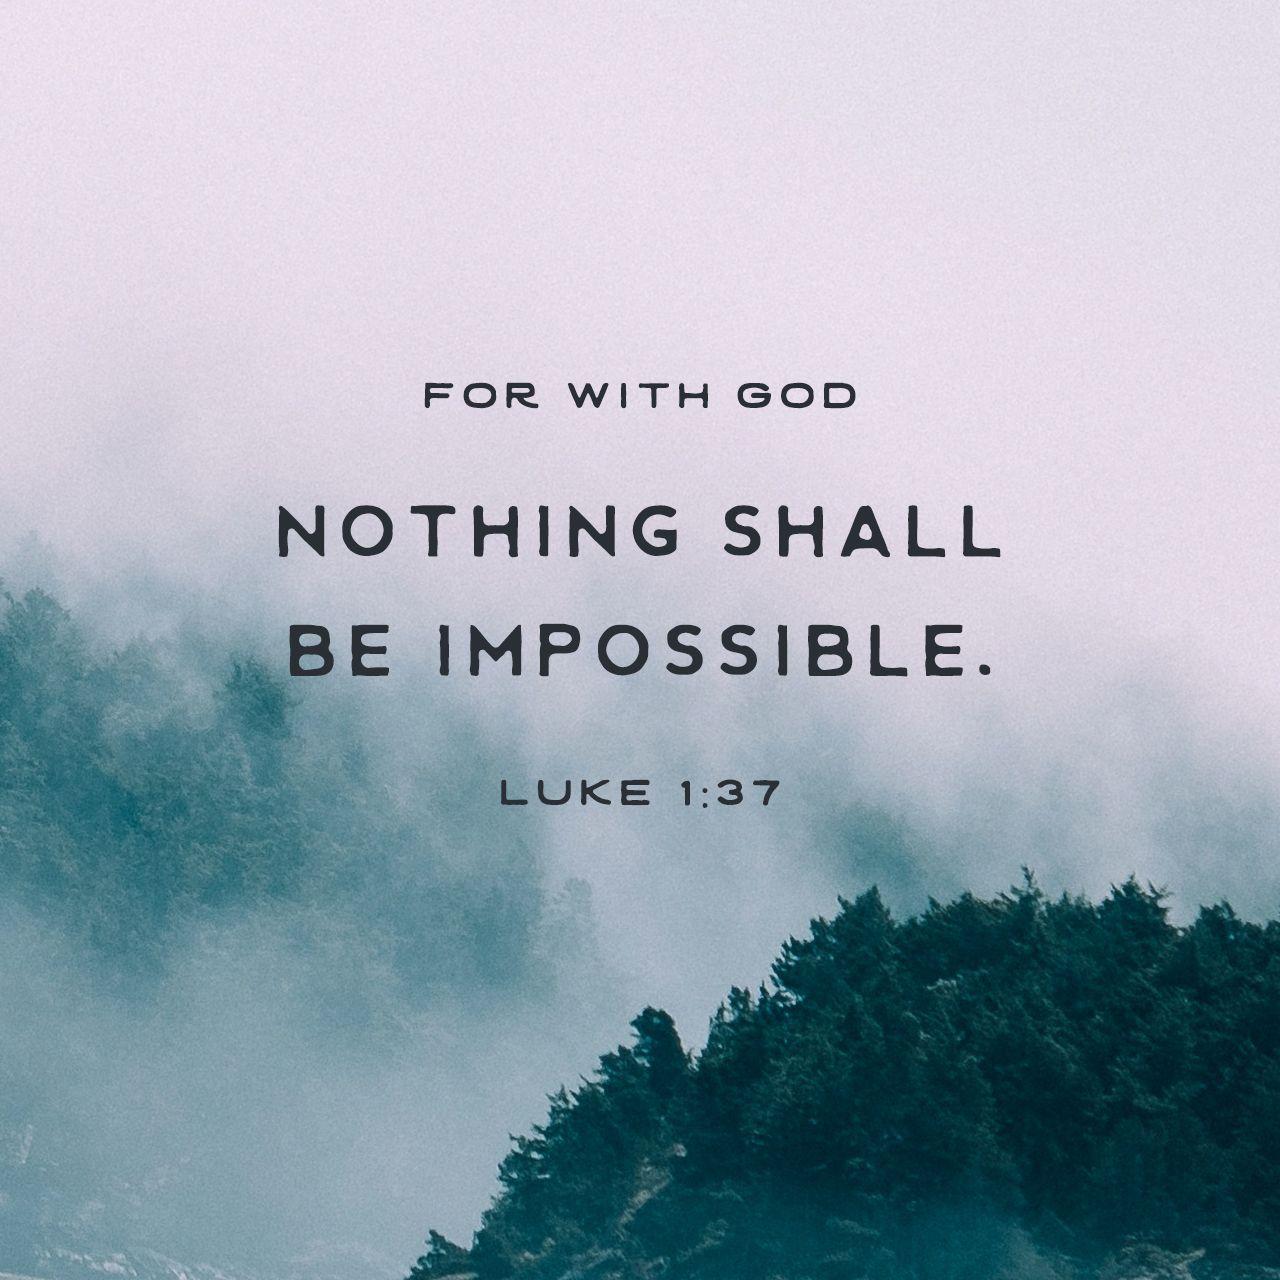 Inspirational Spiritual Quotes Bible Verses And Inspirational Spiritual Quotes Bibleverse